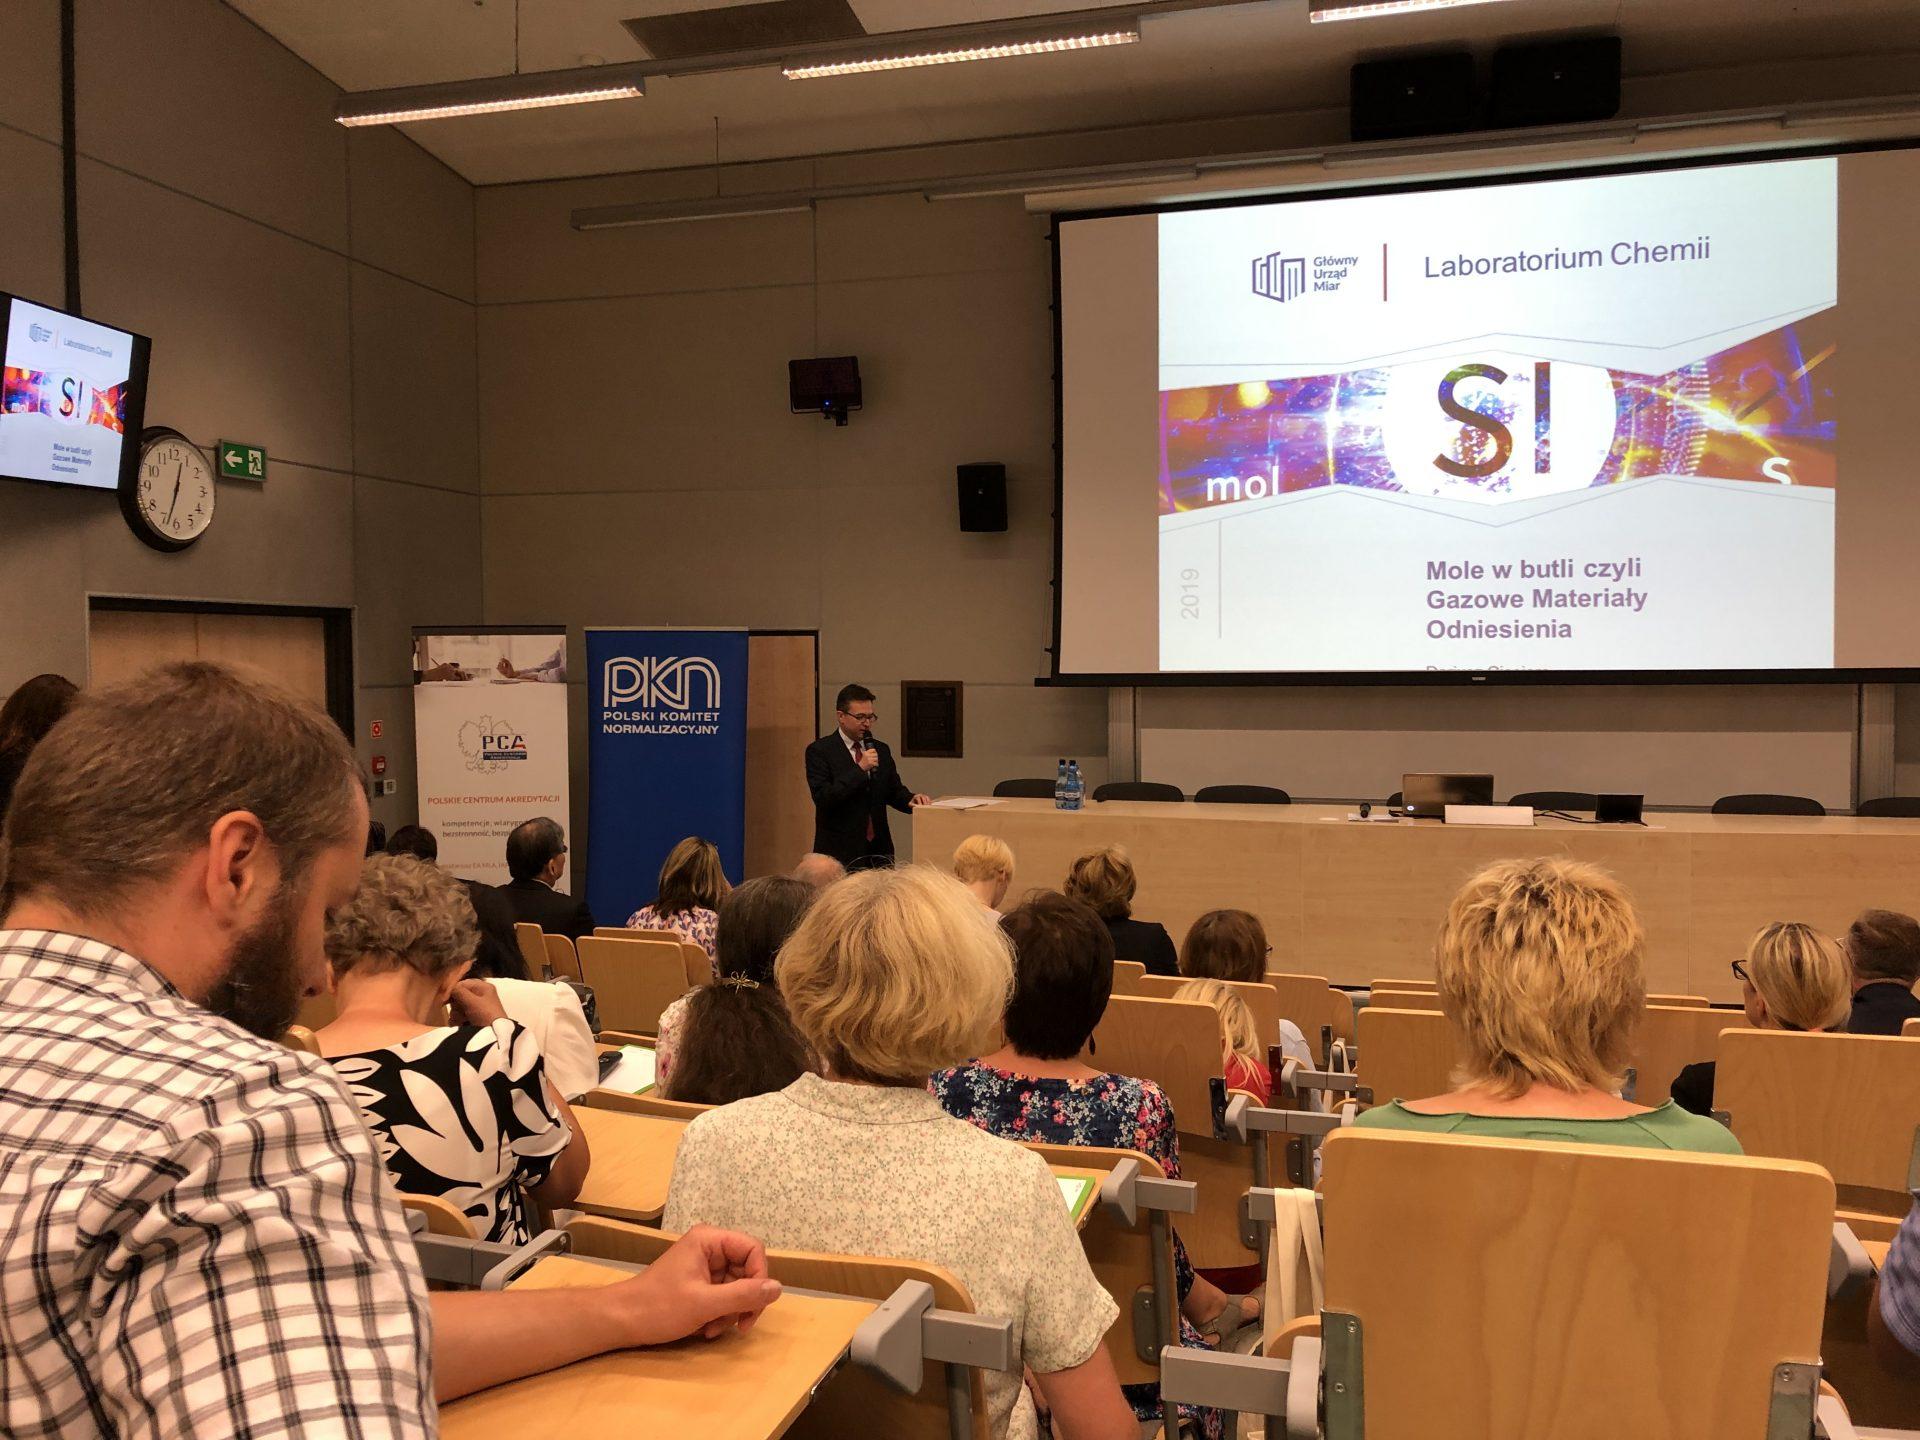 Czerwiec 2019, RM'2019 - Konferencja na temat materiałów odniesienia, Warszawa